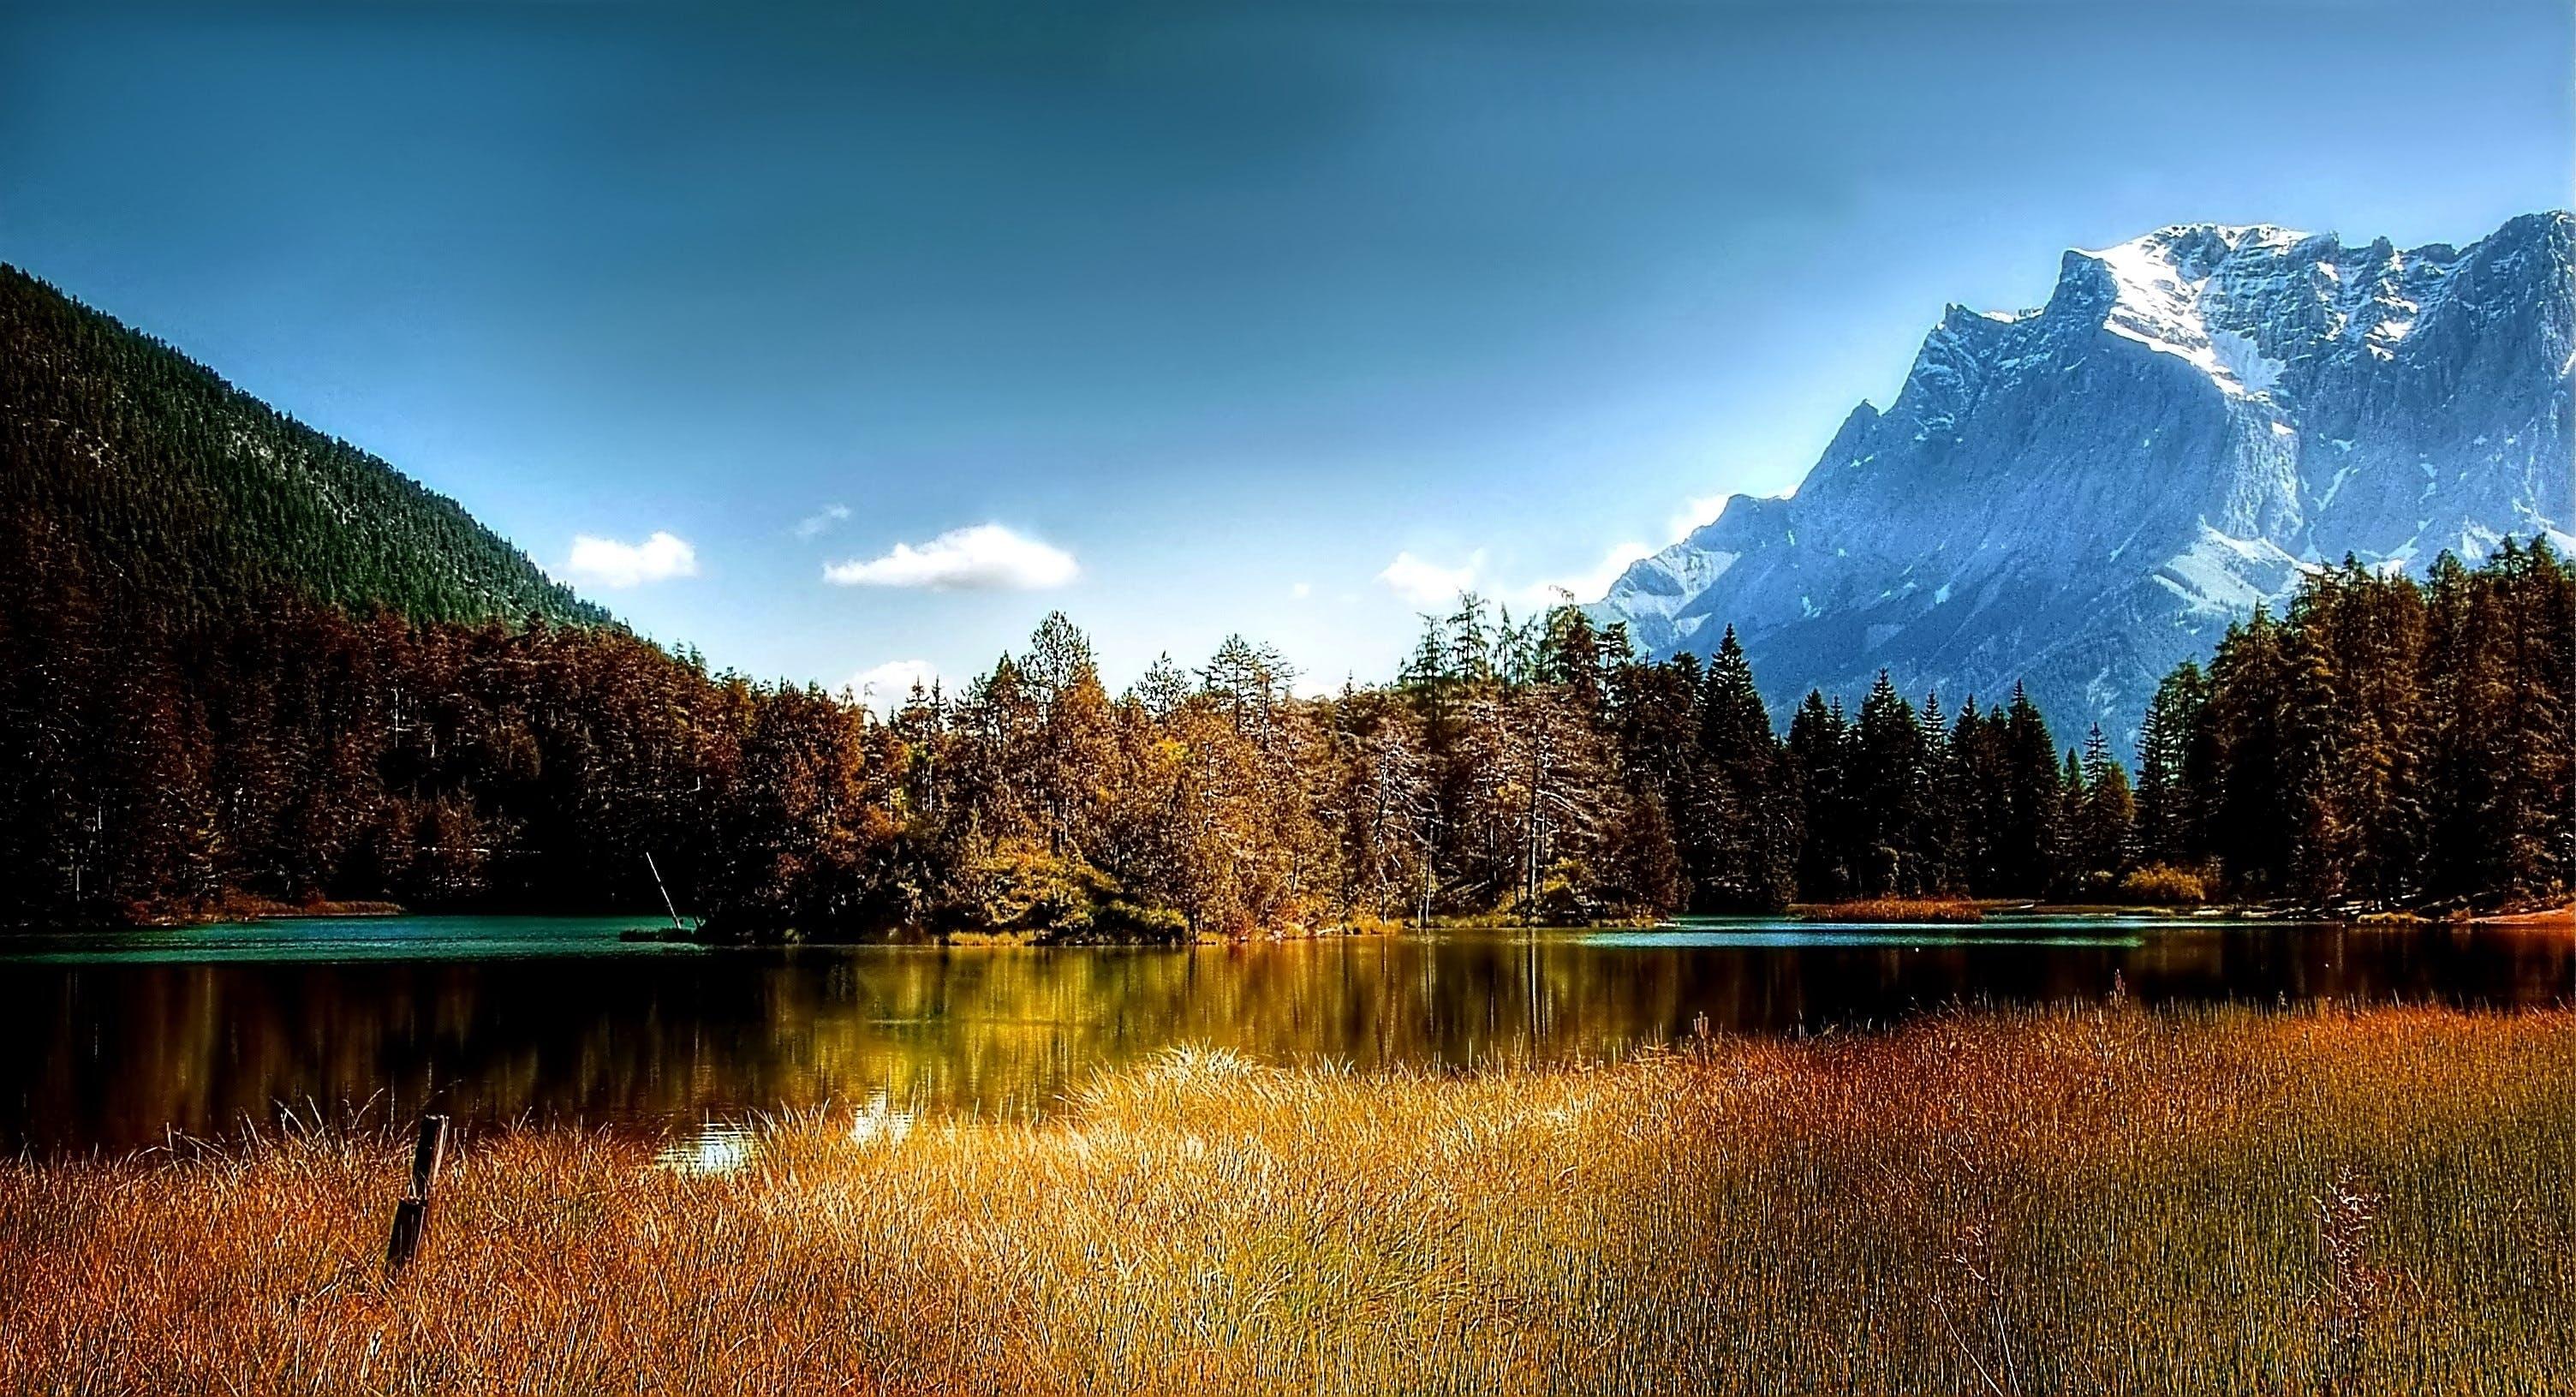 Kostenloses Stock Foto zu schnee, dämmerung, landschaft, berge